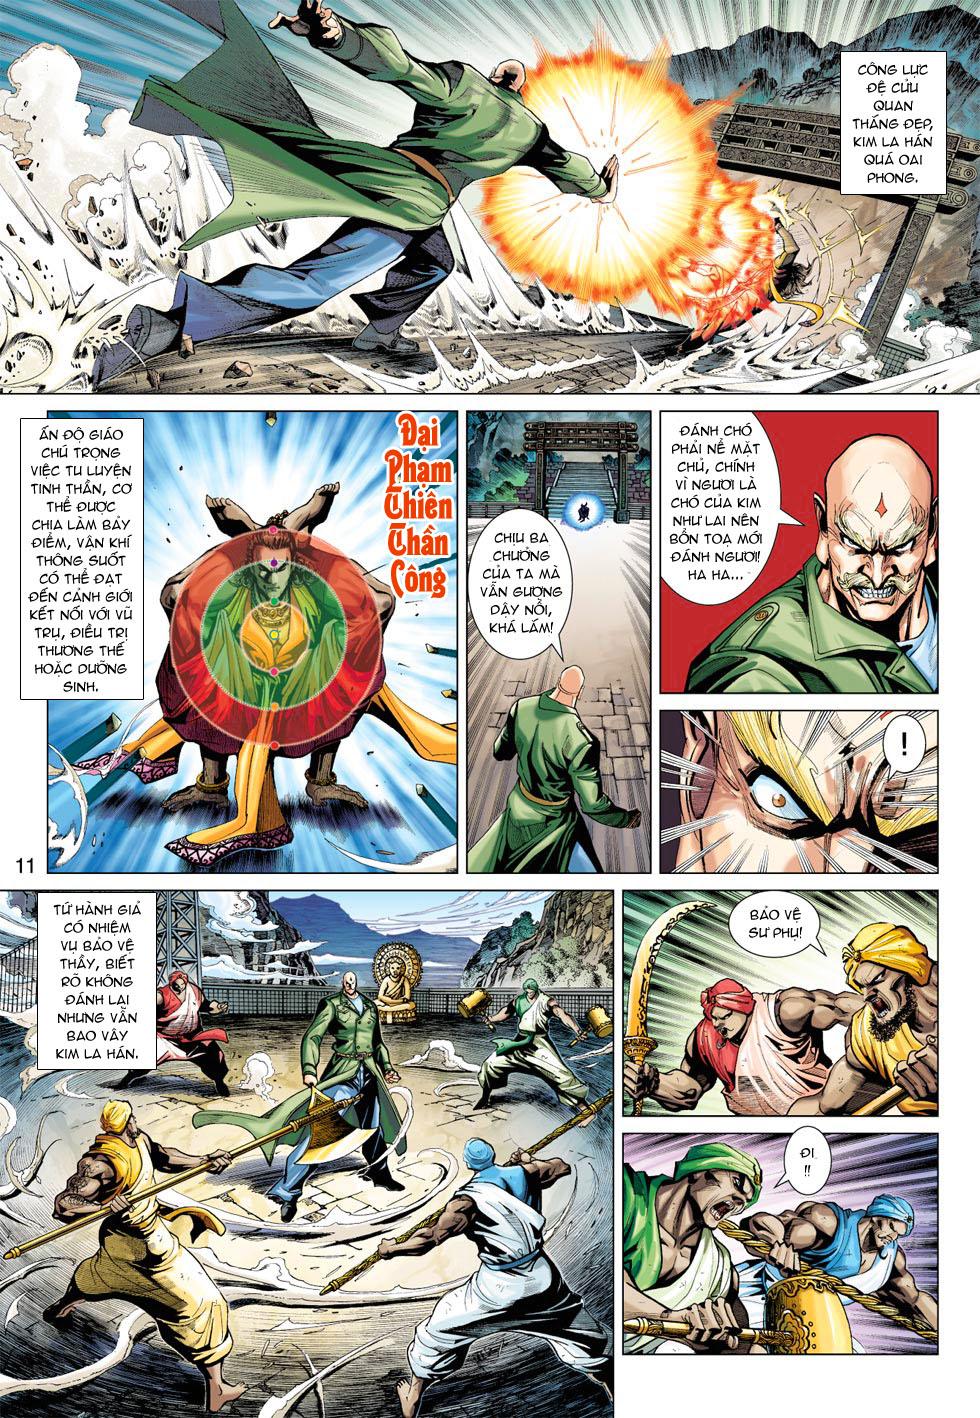 Tân Tác Long Hổ Môn trang 44